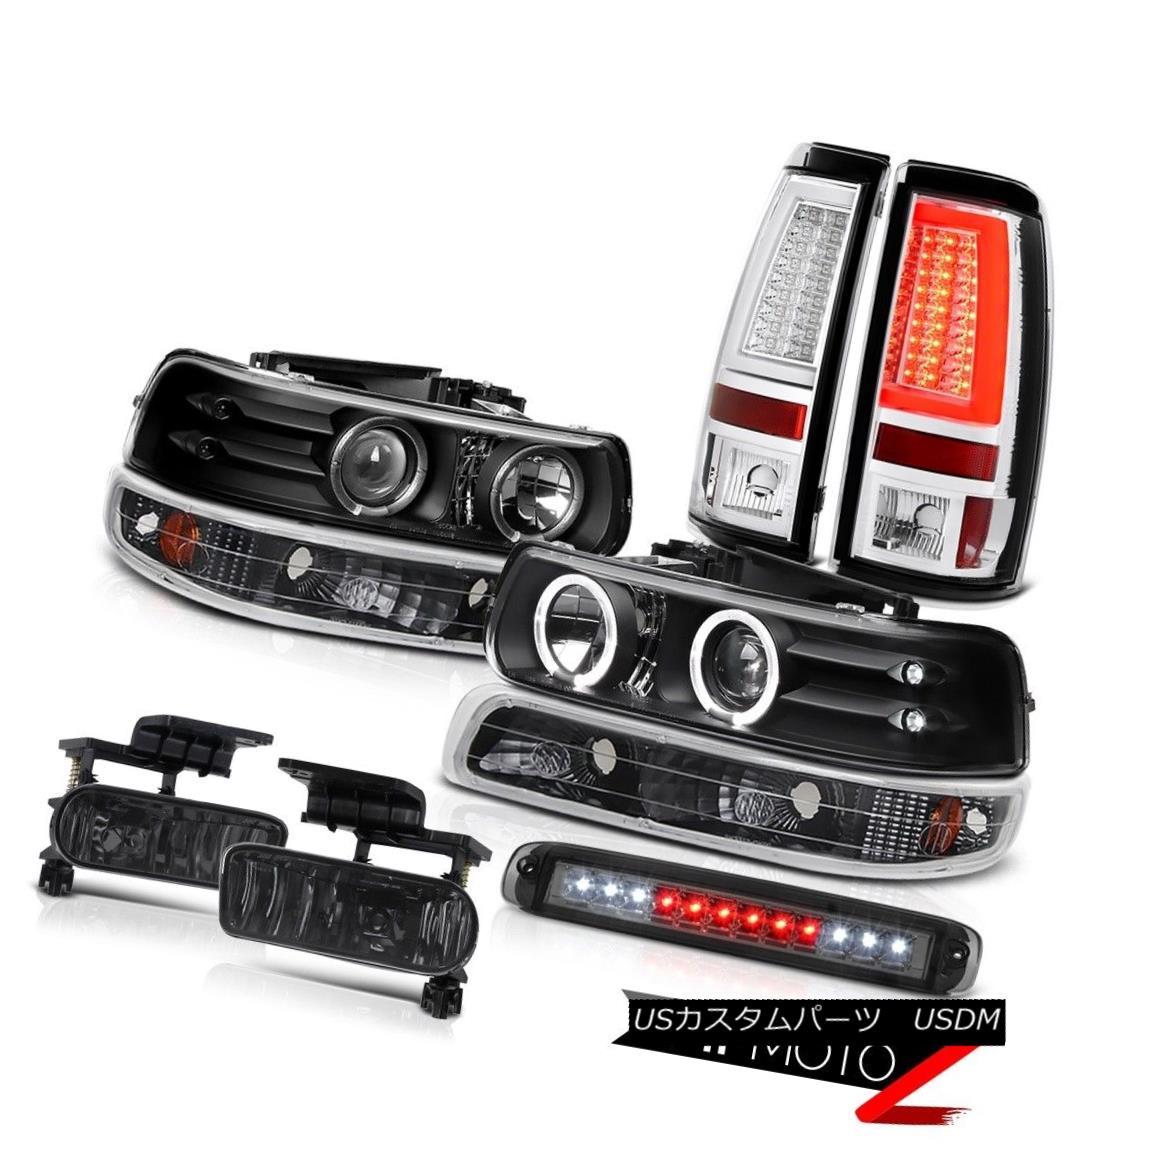 テールライト 99-02 Silverado 4.3L Tail Lamps Roof Brake Light Foglamps Bumper Headlights LED 99-02 Silverado 4.3LテールランプルーフブレーキライトフォグランプバンパーヘッドライトLED